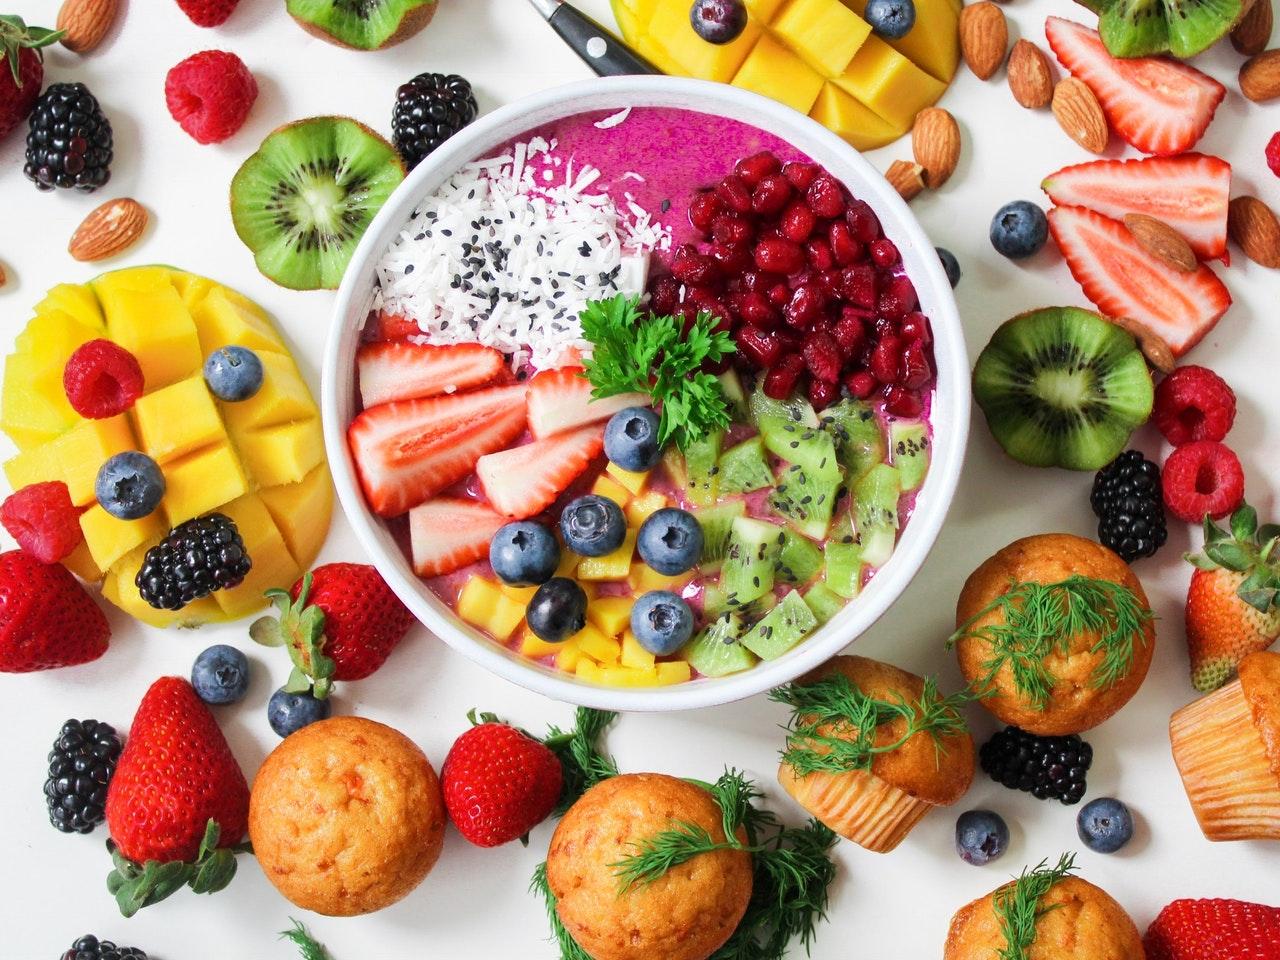 antiossidanti per proteggere la pelle dai radicali liberi, invecchiamento precoce e stress ossidativo